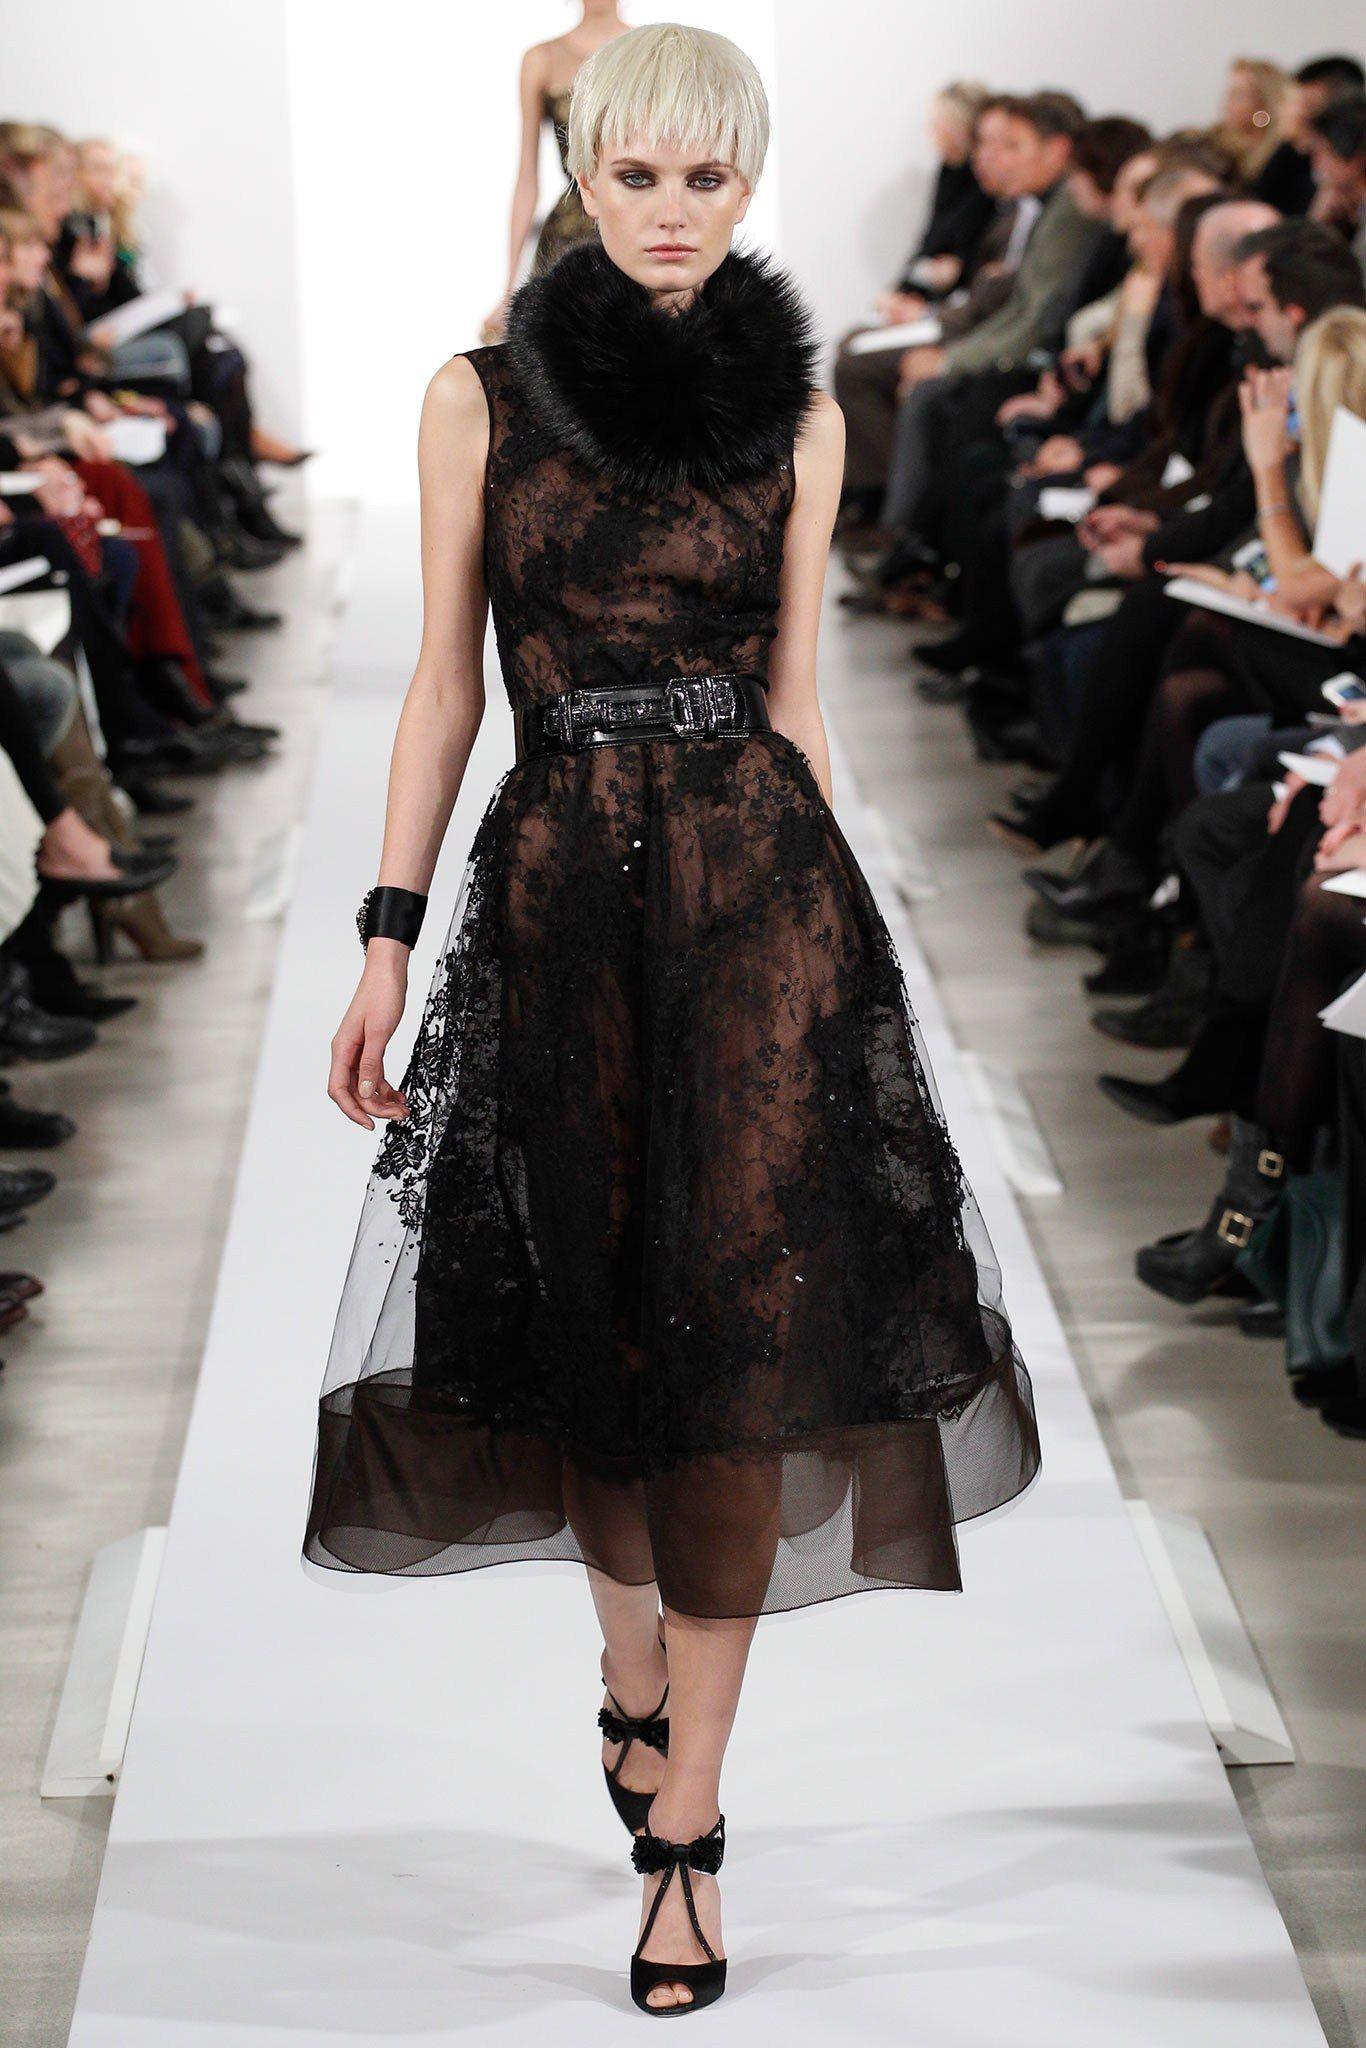 Oscar de la Renta Fall 2014 Ready-to-Wear Fashion Show - Anmari Botha